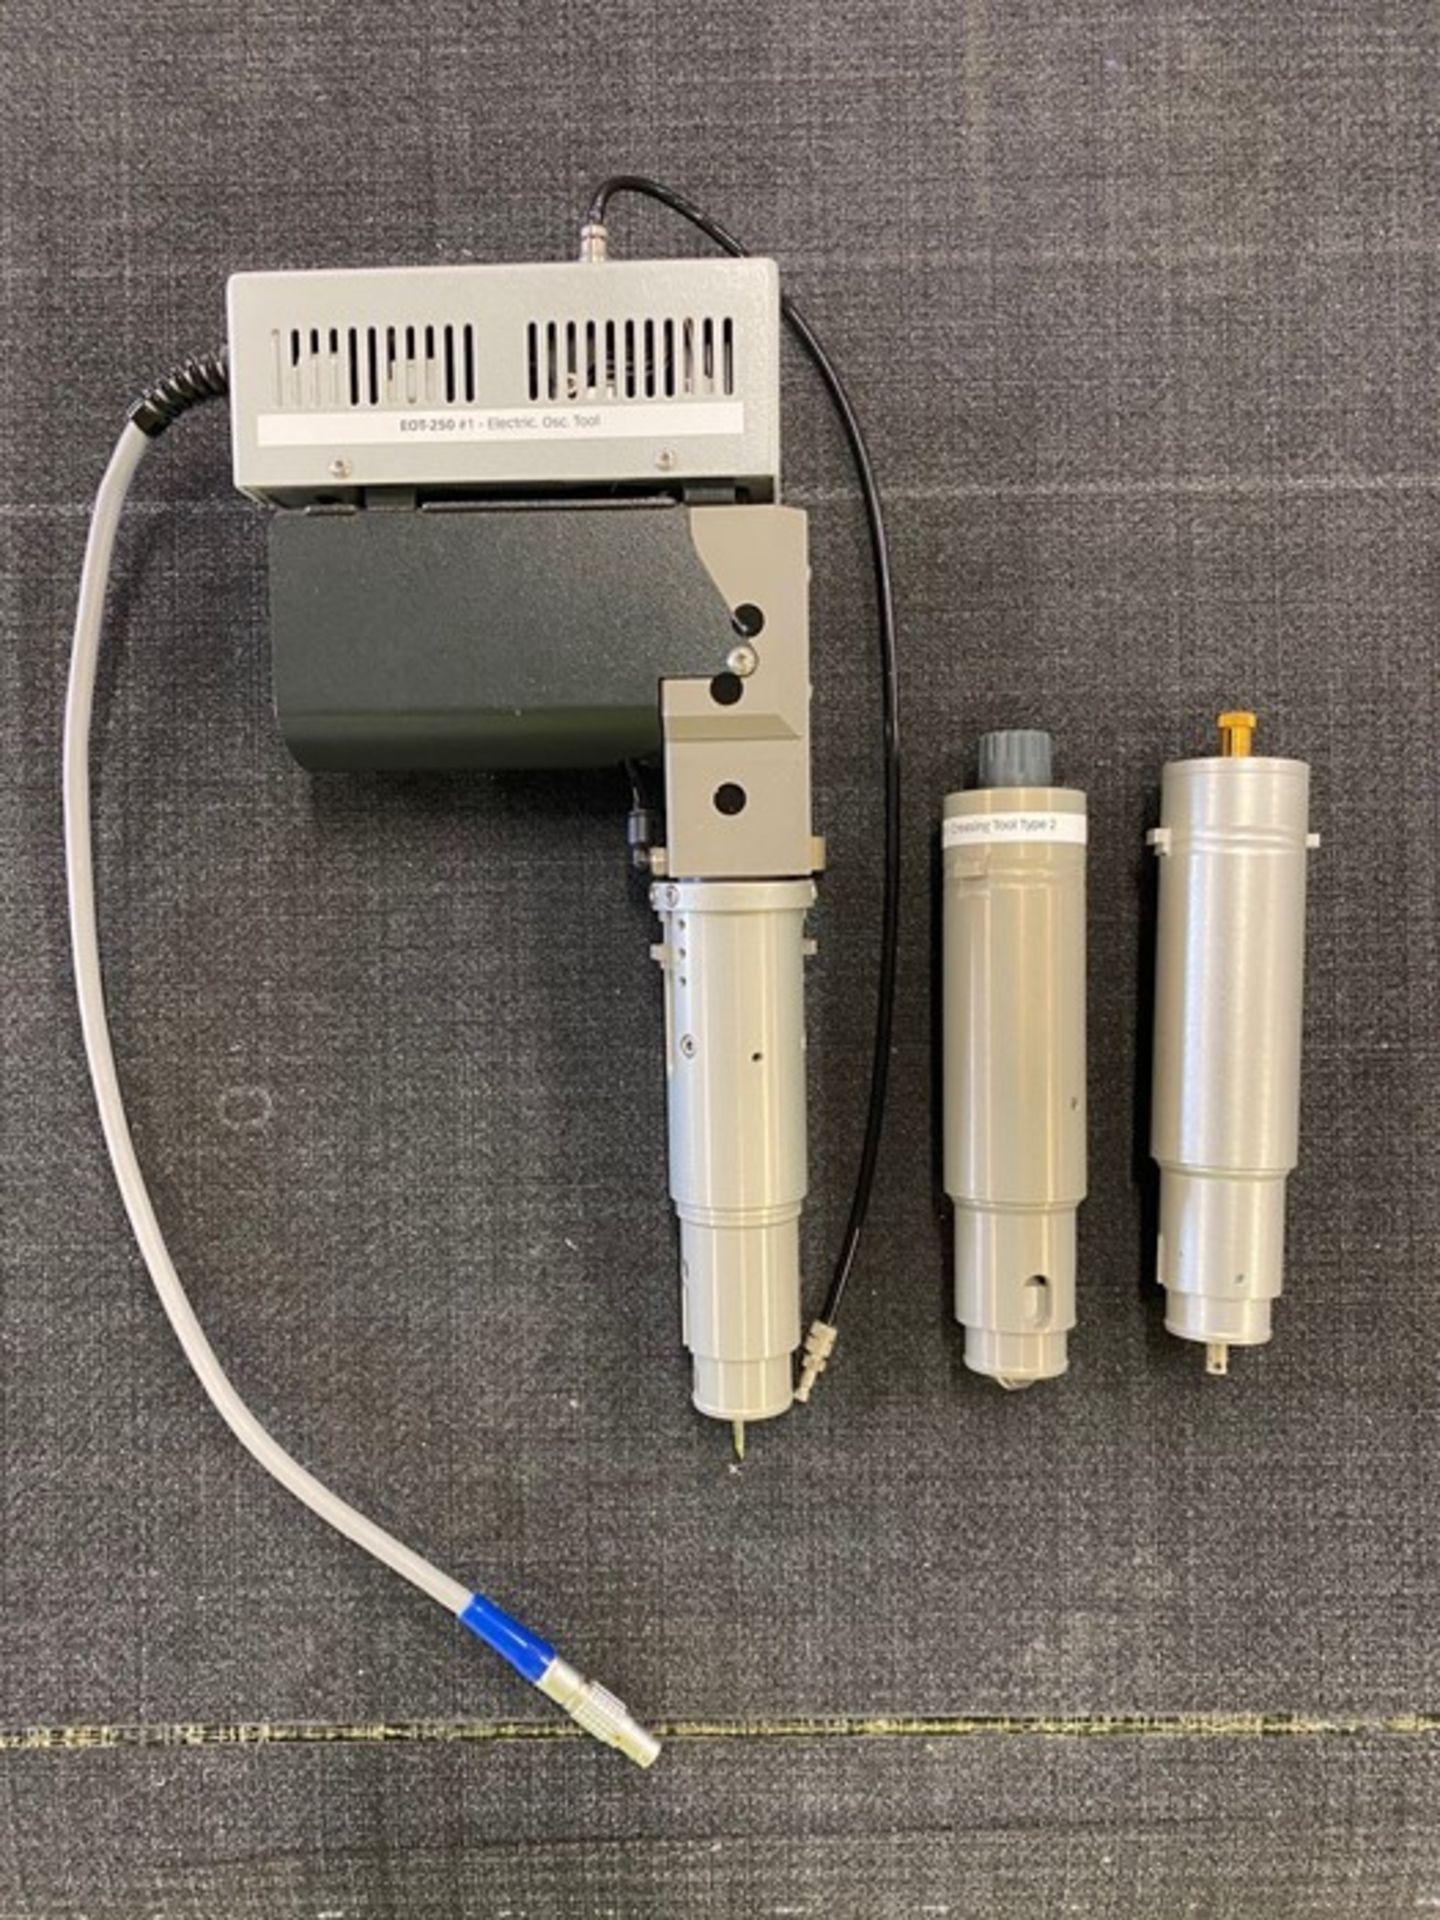 Zund G3 3XL-3200CV digital cutter (2014) - Image 37 of 37